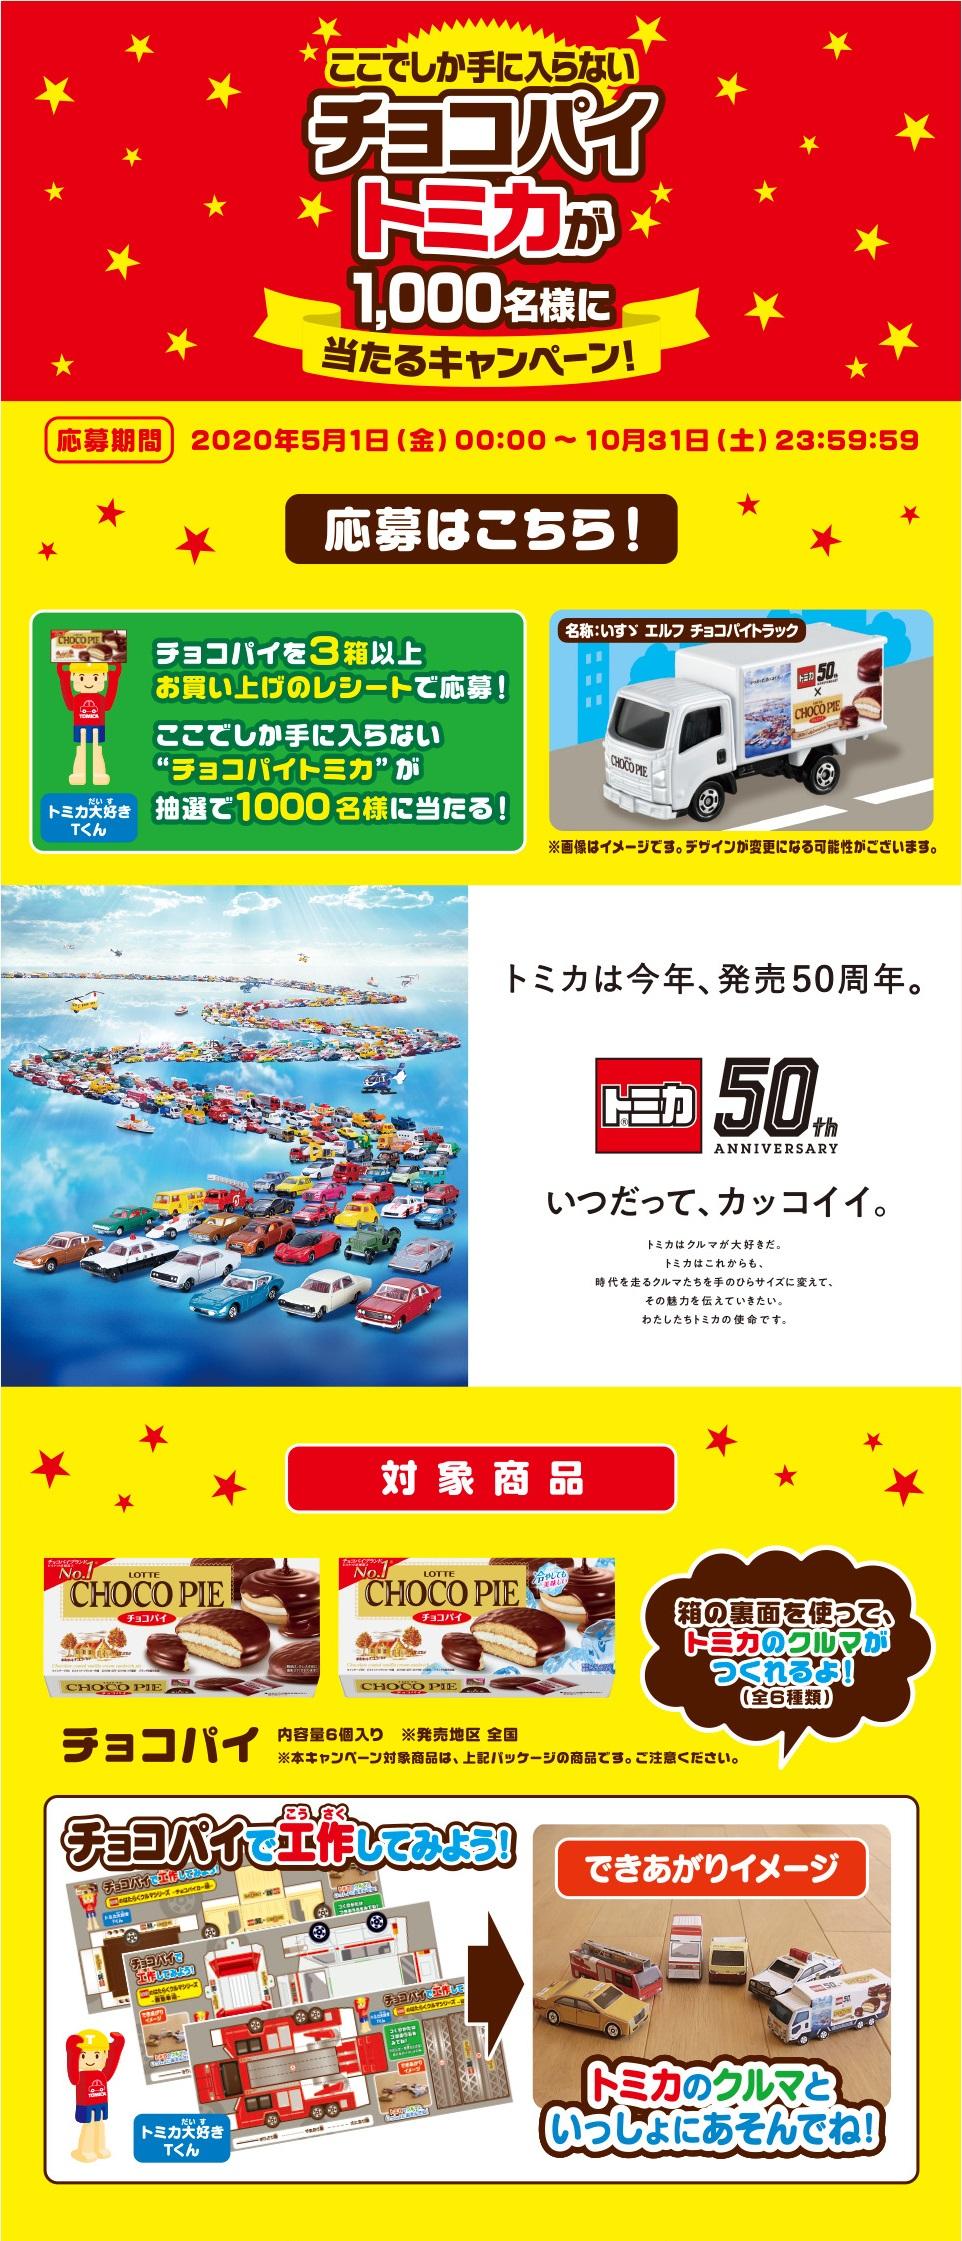 【ロッテ】チョコパイトミカが当たるキャンペーン